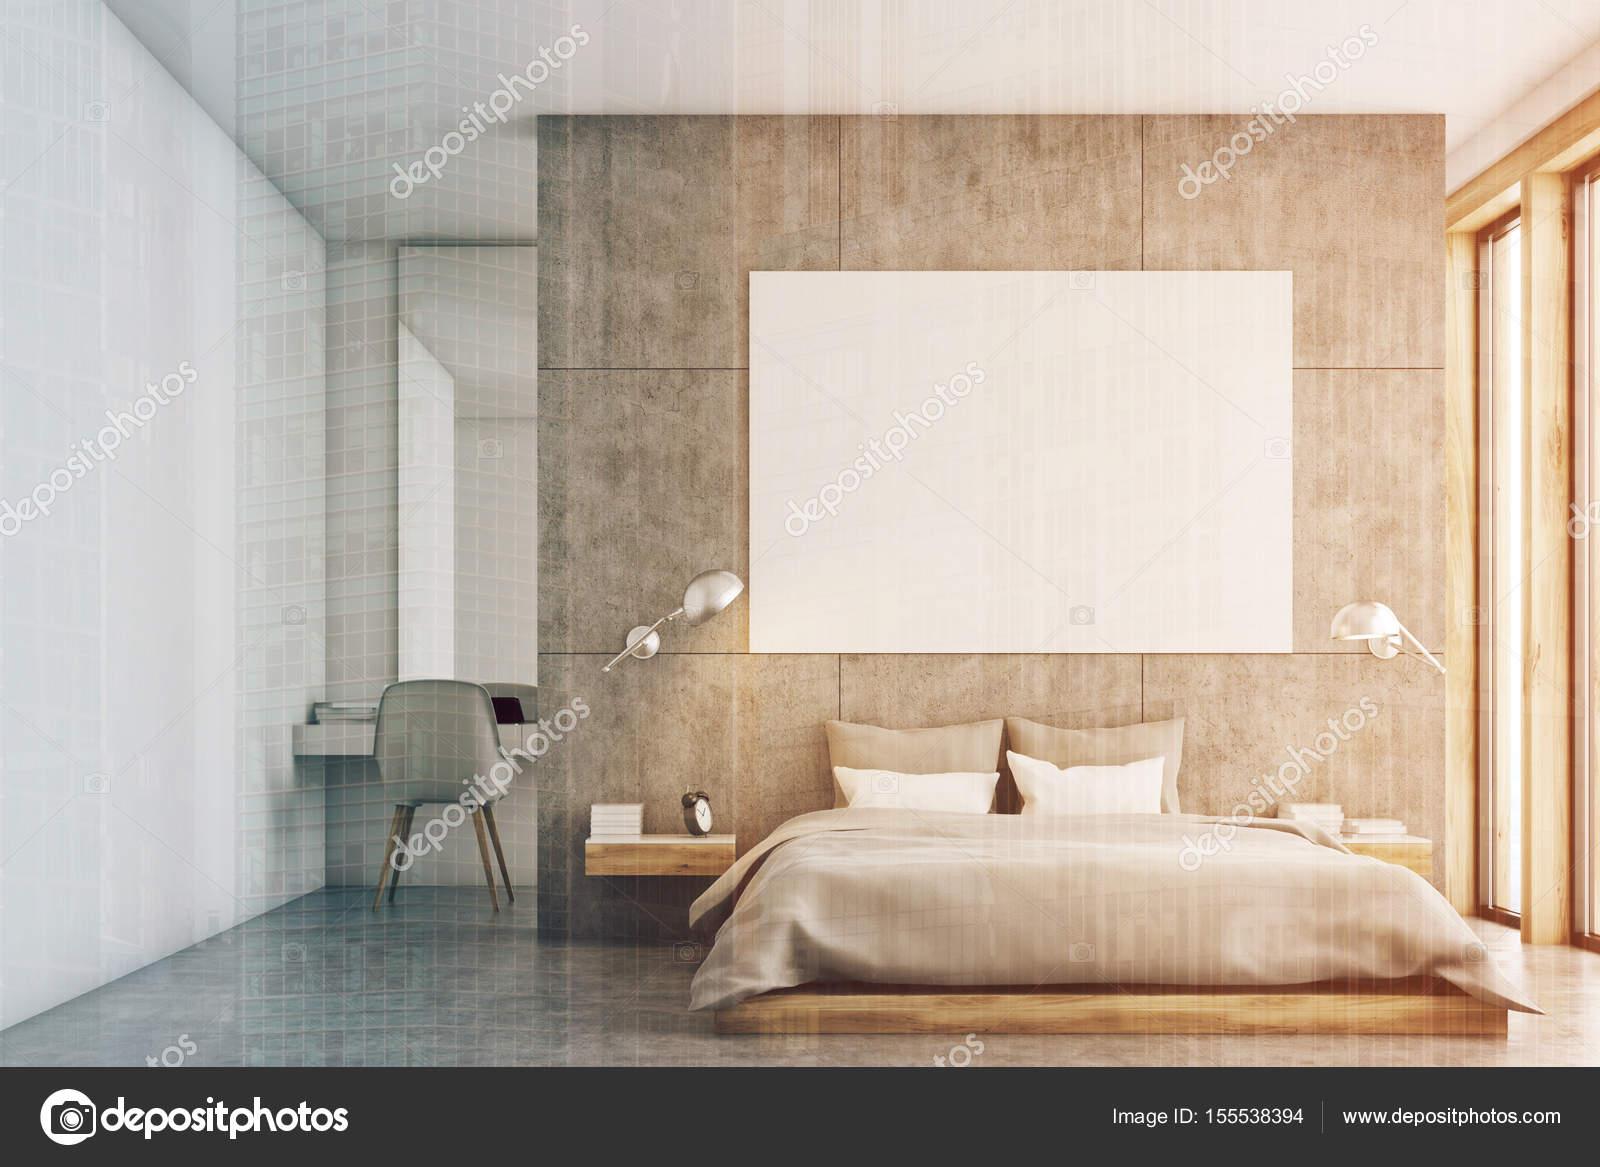 Camera da letto grigio con poster e studio tonica foto for Studio in camera da letto